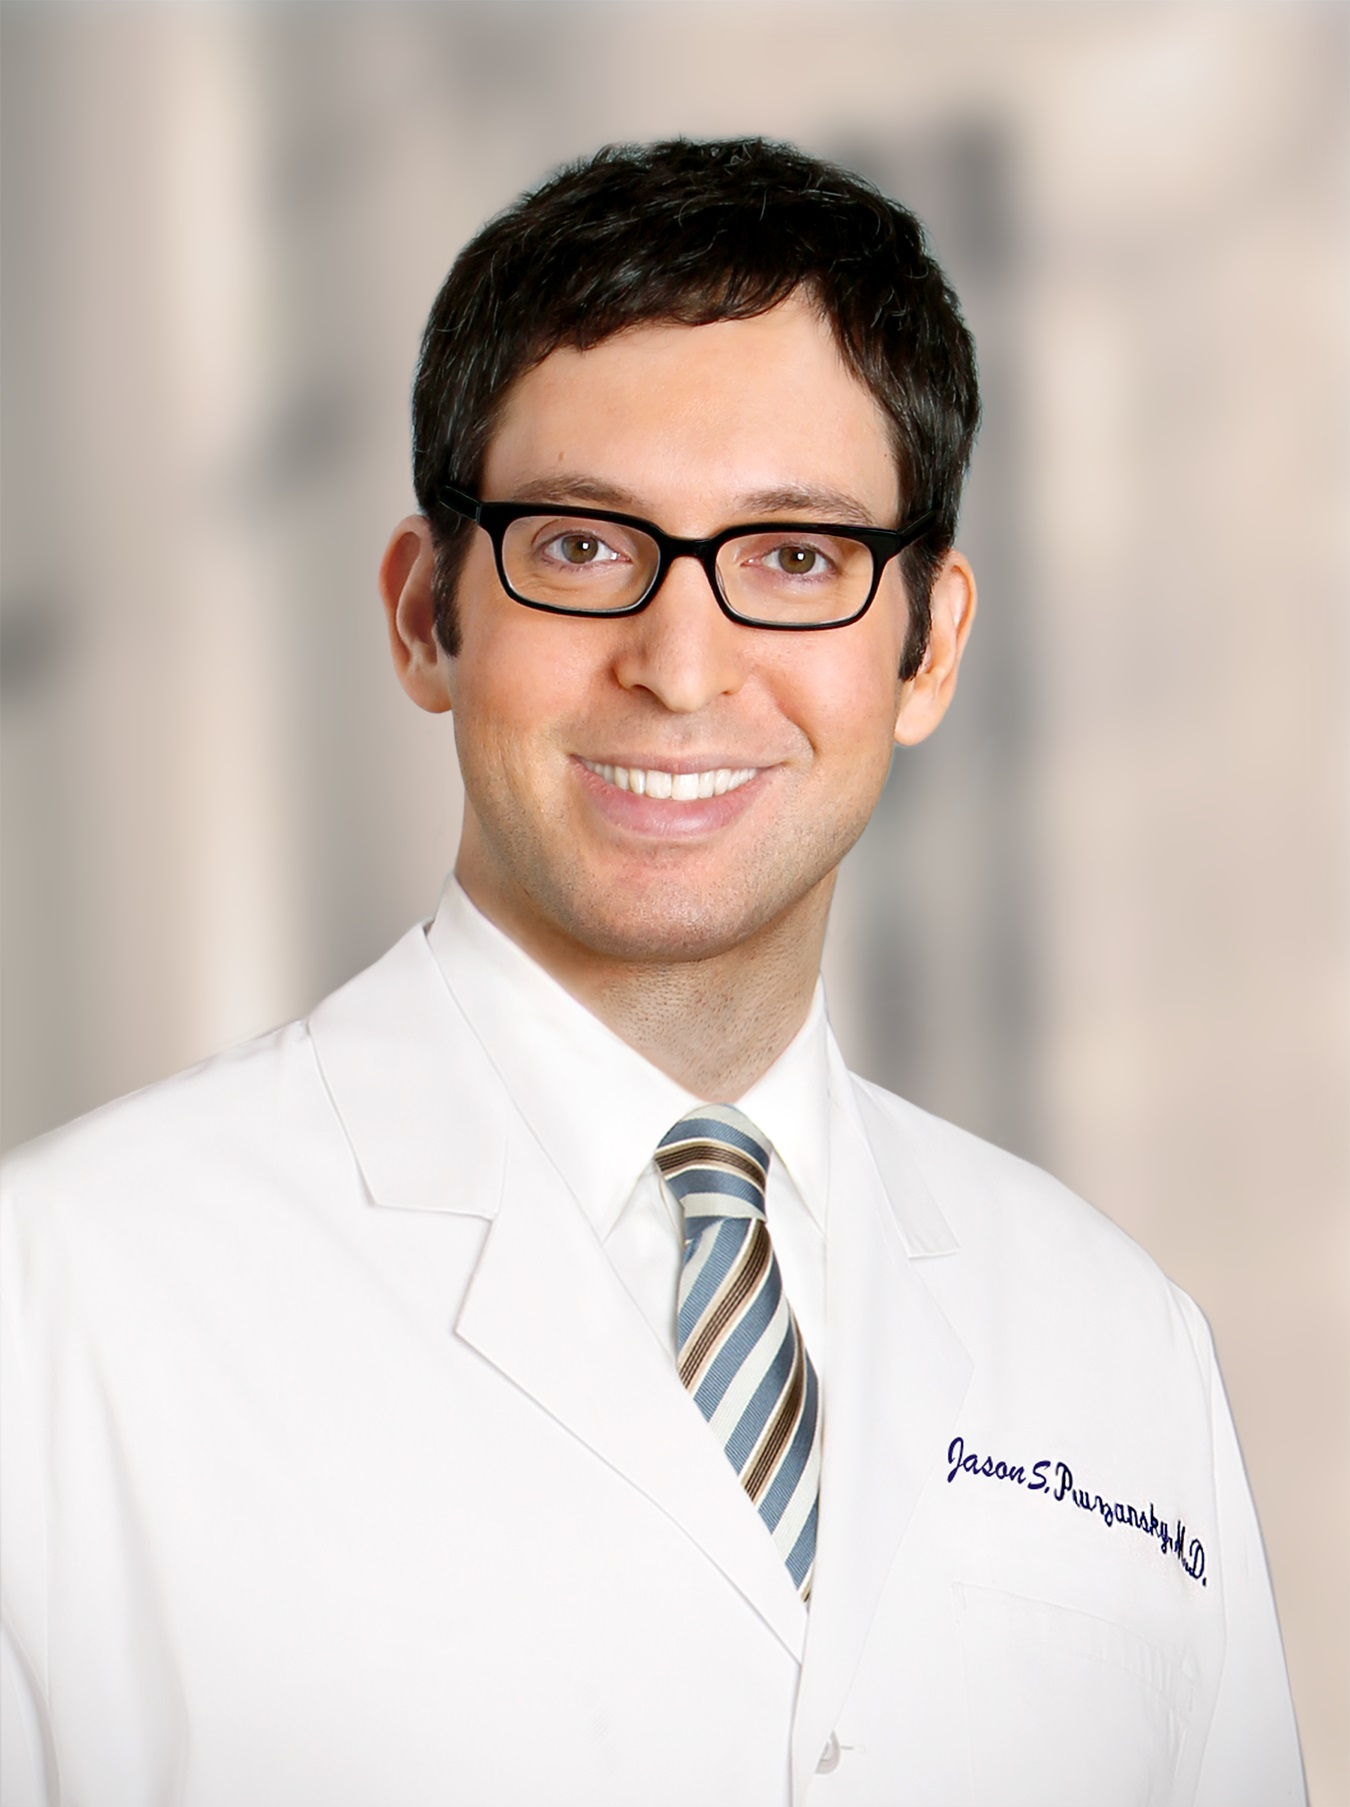 Dr. Jason S. Pruzansky(2)